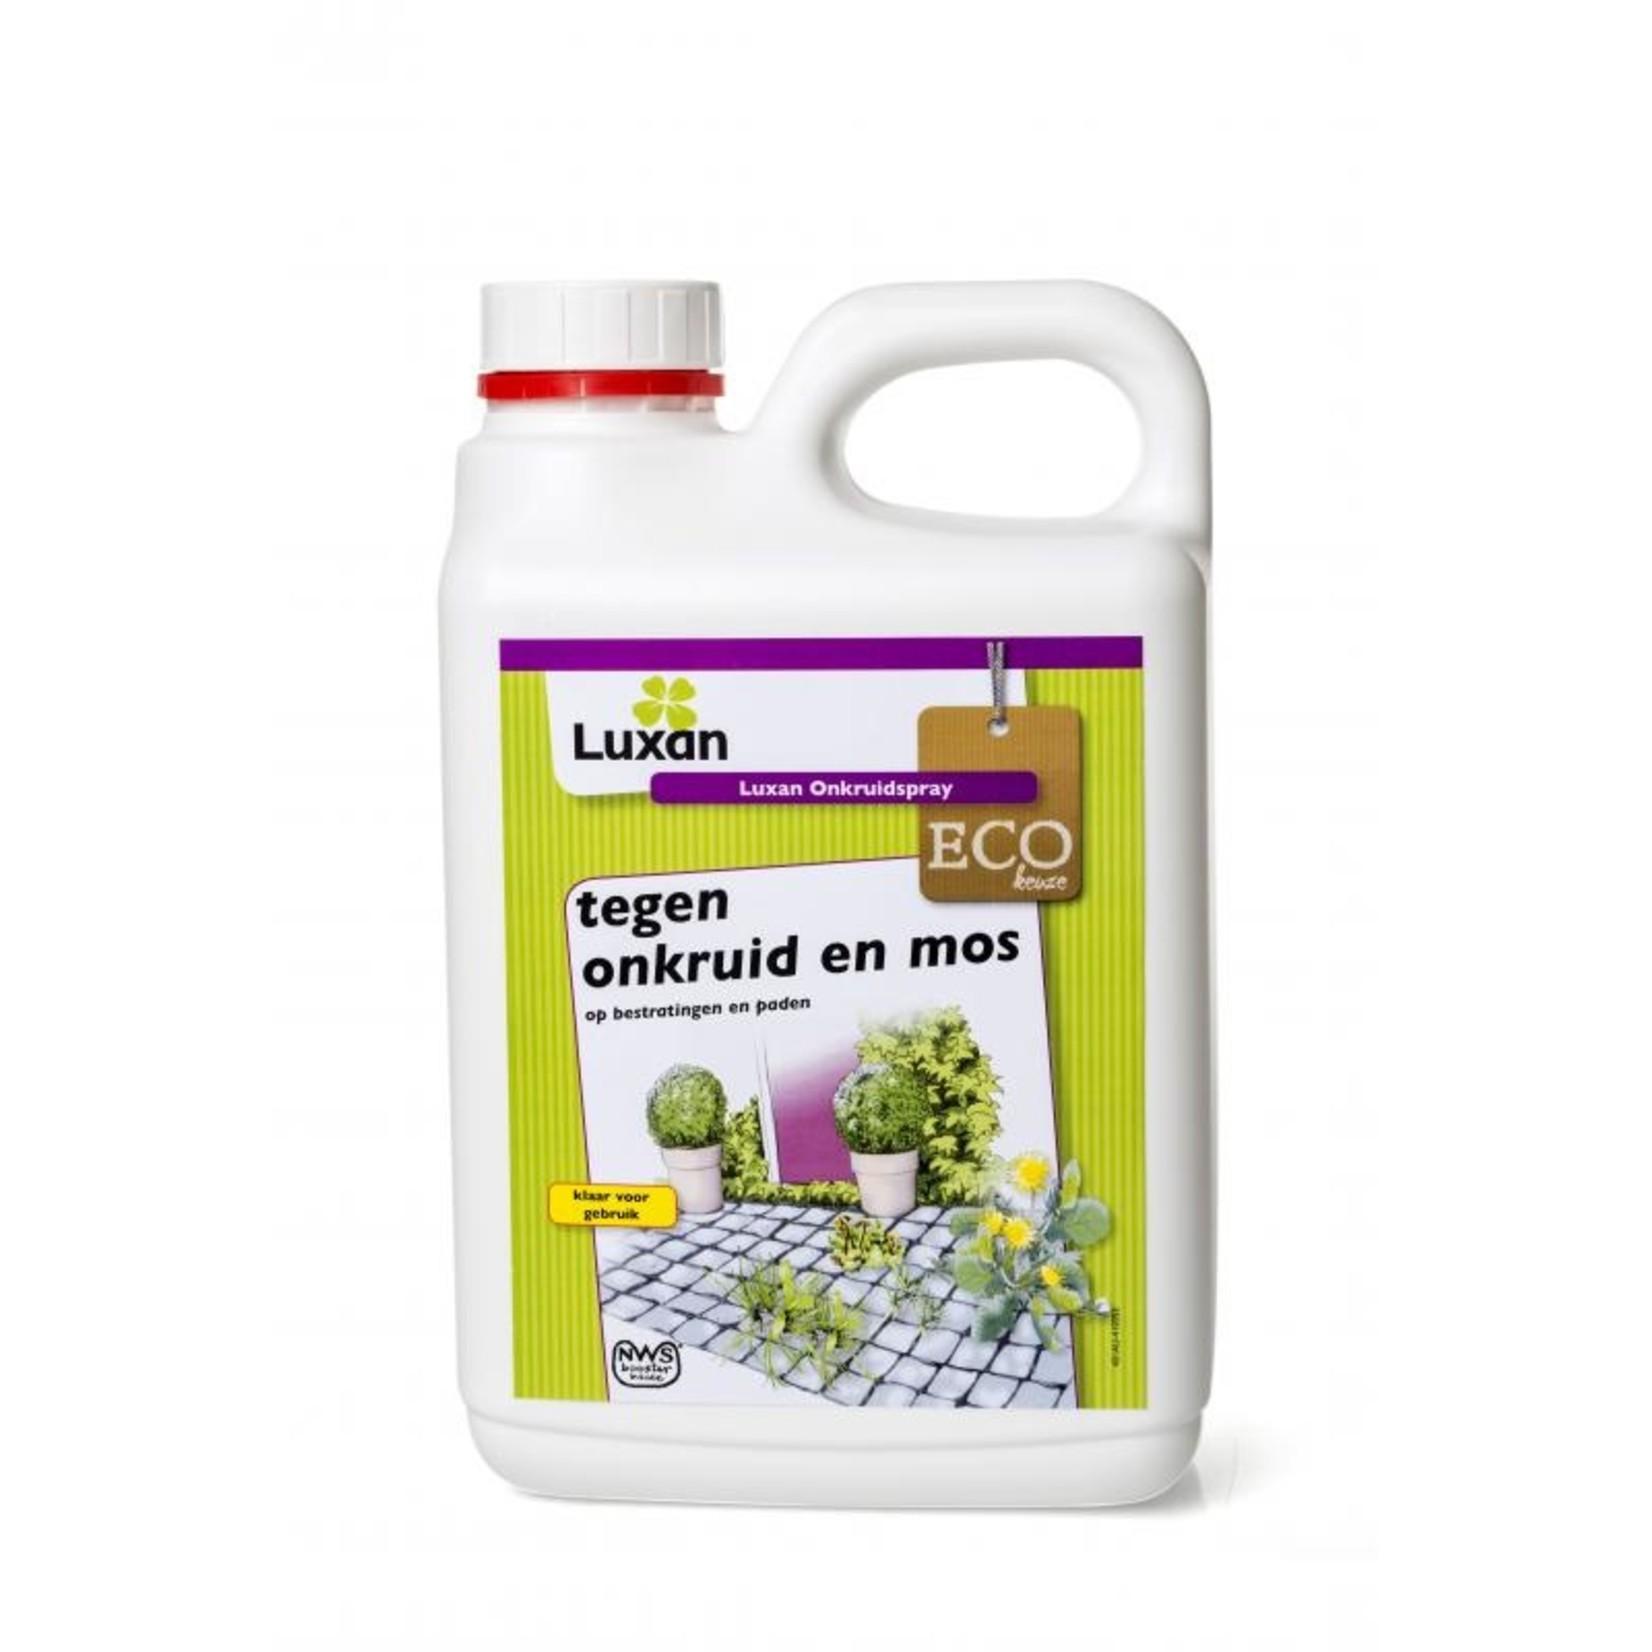 Luxan Onkruidspray 2,5 Liter (gebruiksklaar)